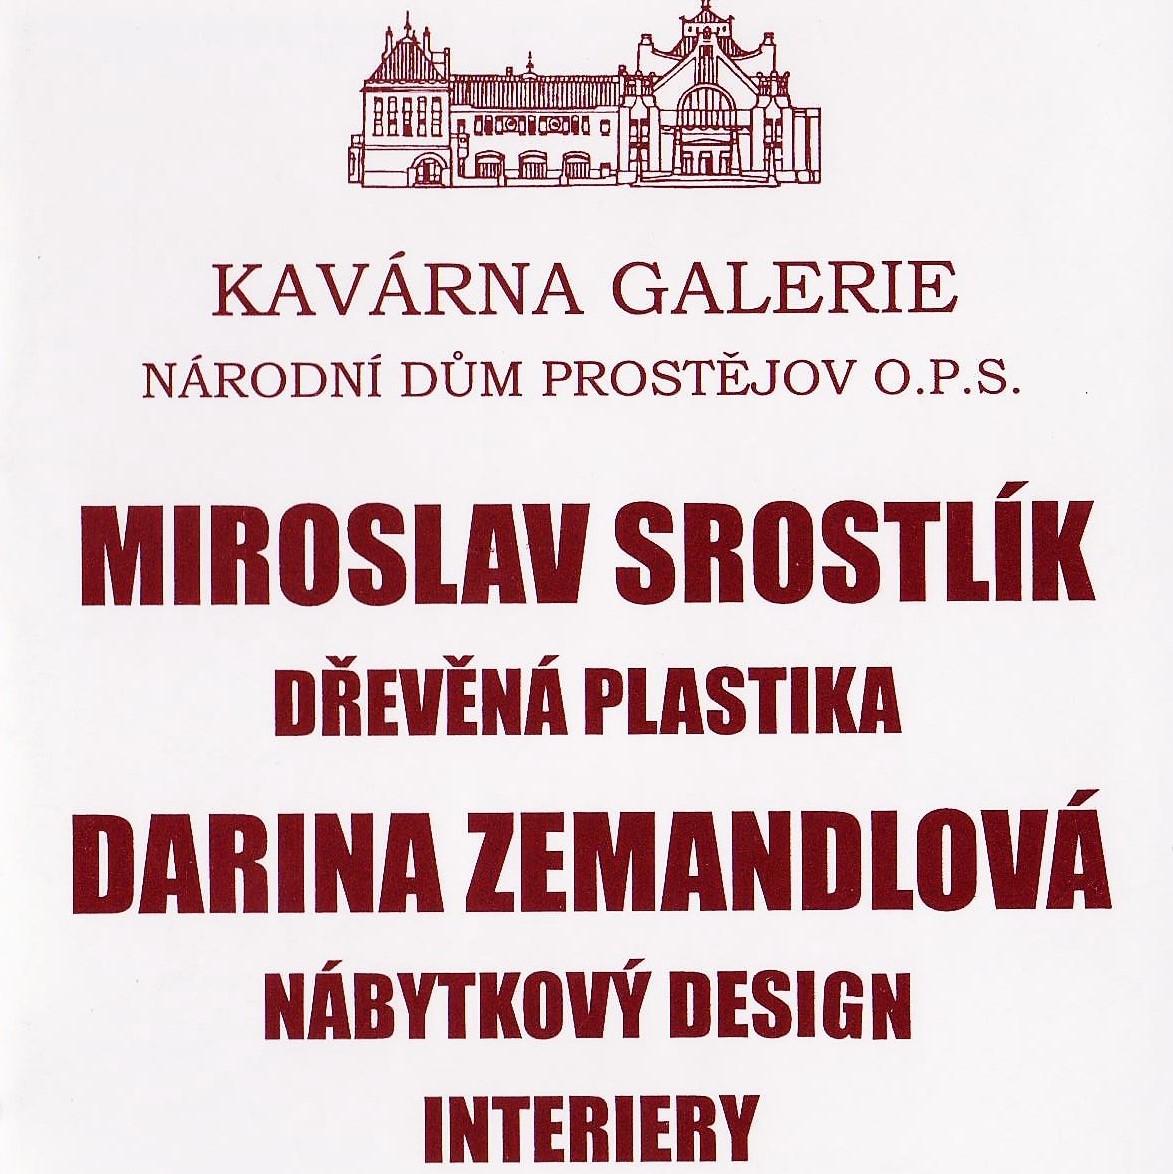 SROSTLÍK*ZEMANDLOVÁ-2000